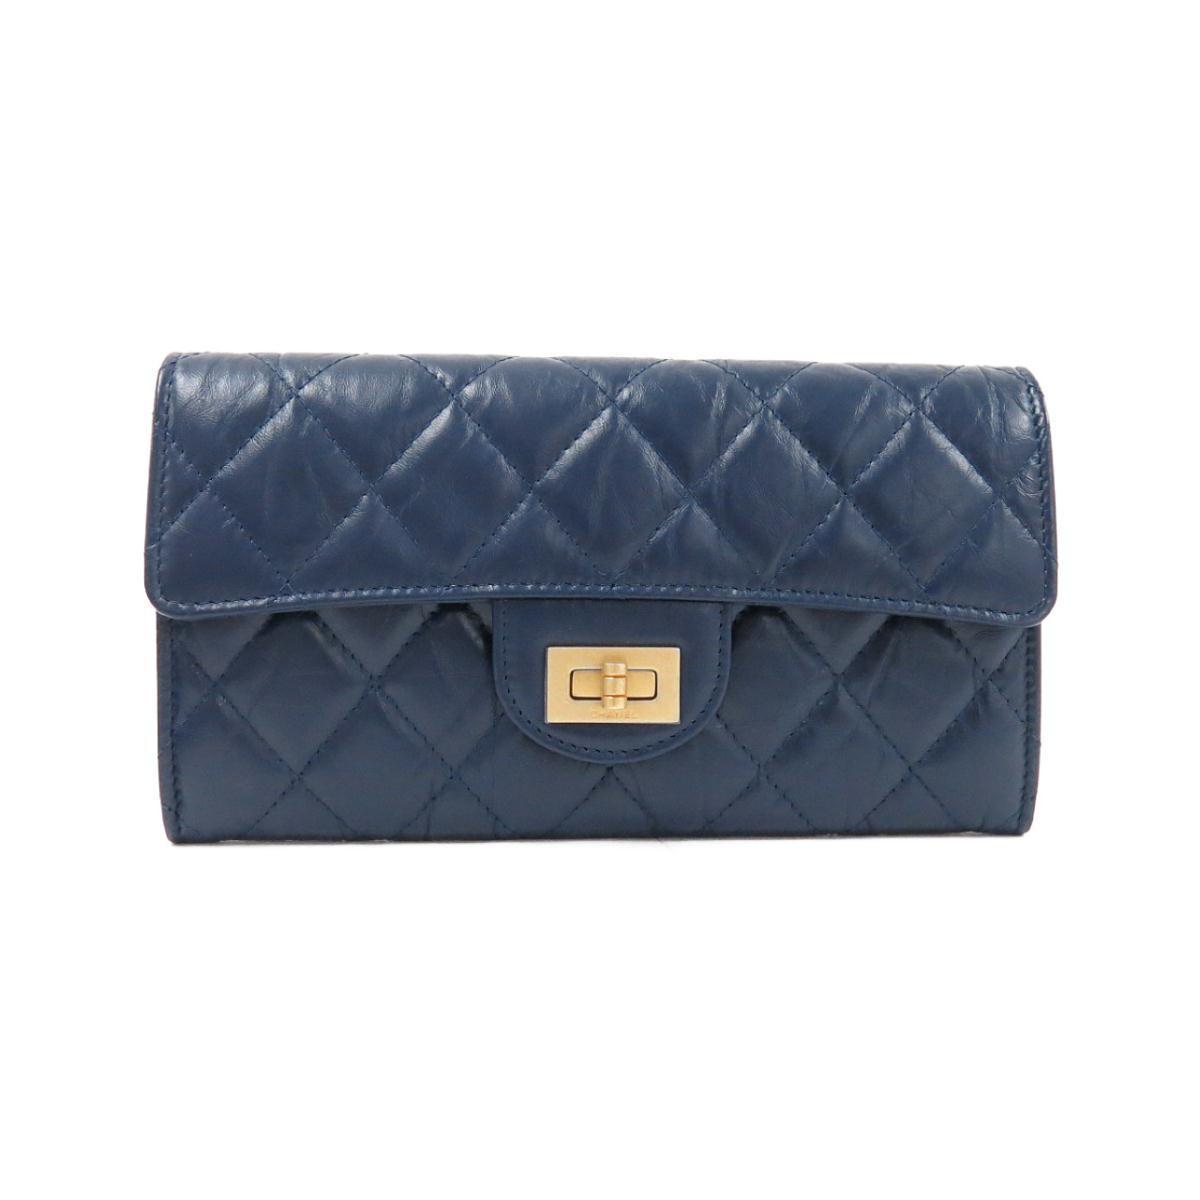 ネイビーのシャネルの長財布